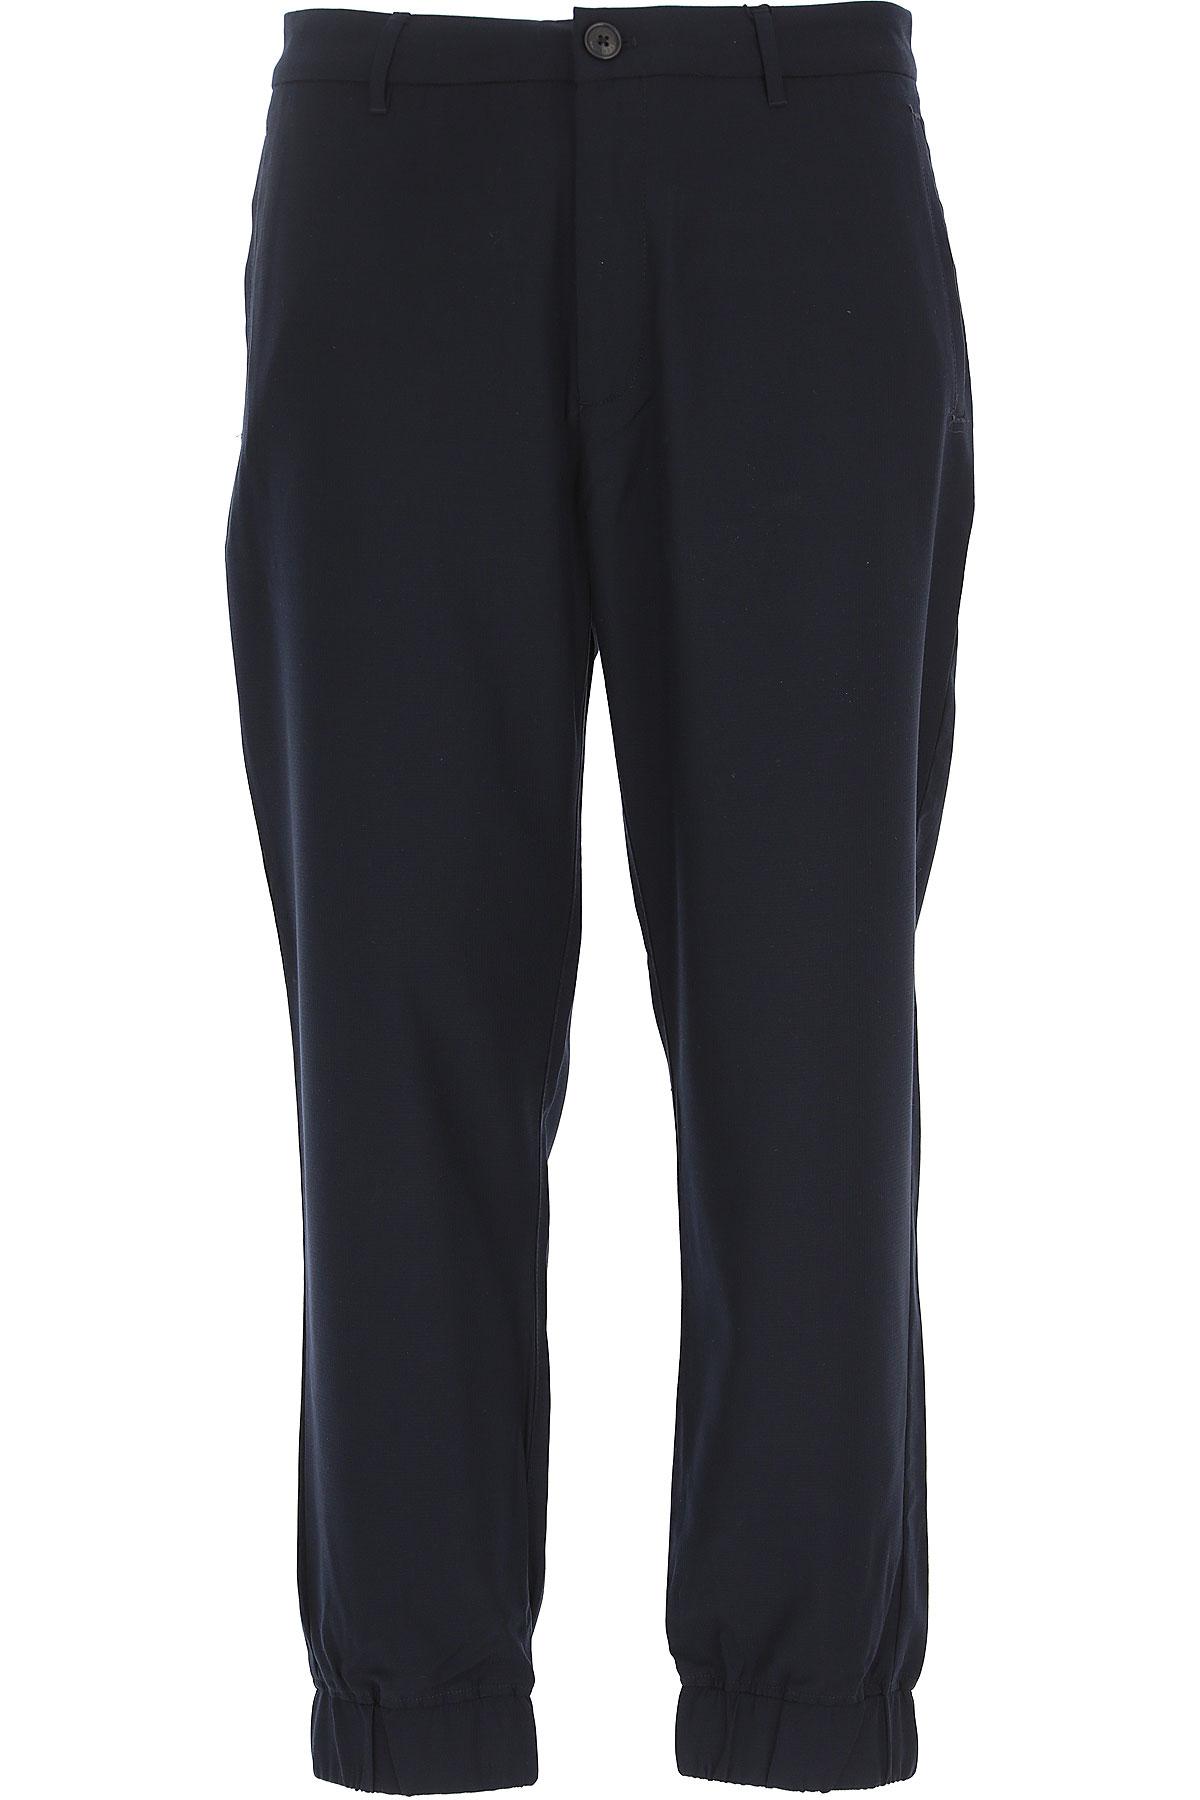 Emporio Armani Pantalon Homme Pas Cher En Soldes, Bleu Marine, Polyester, 2019, 46 47 48 49 50